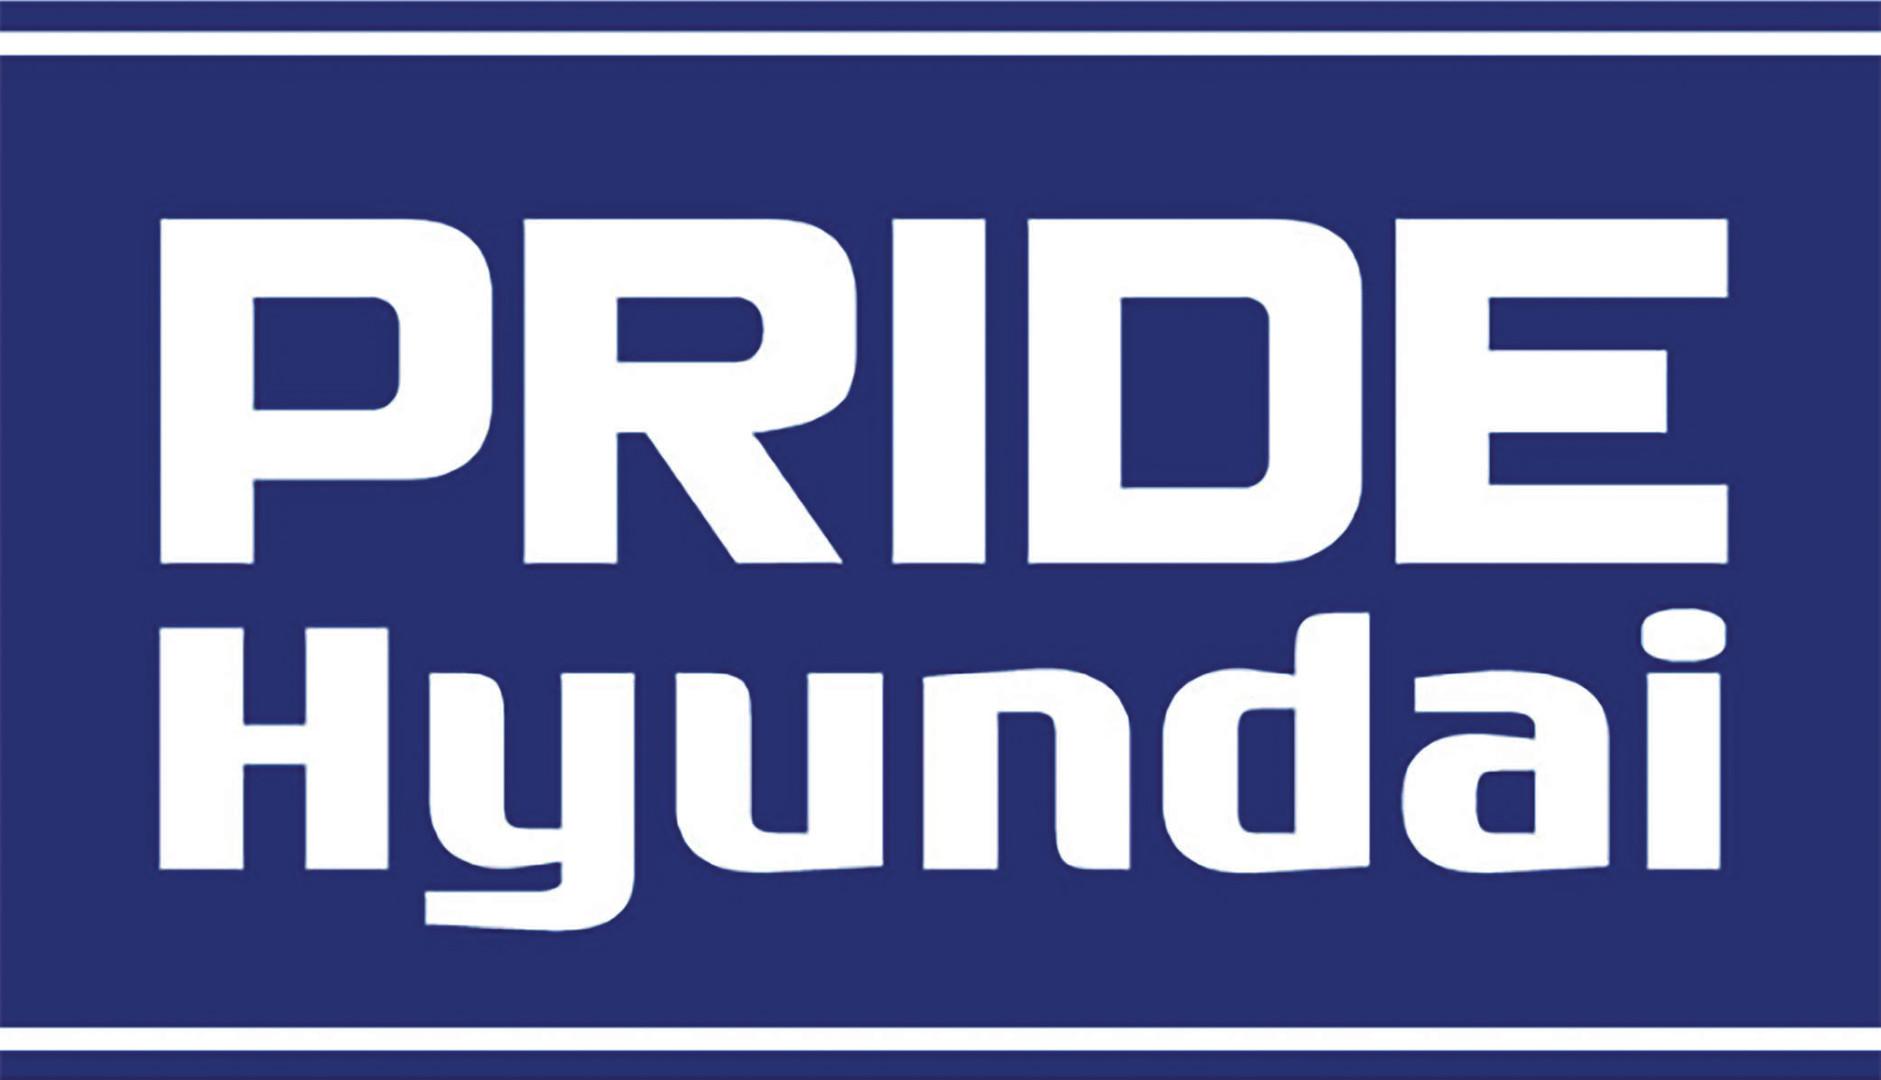 pride hyundai logo.jpg